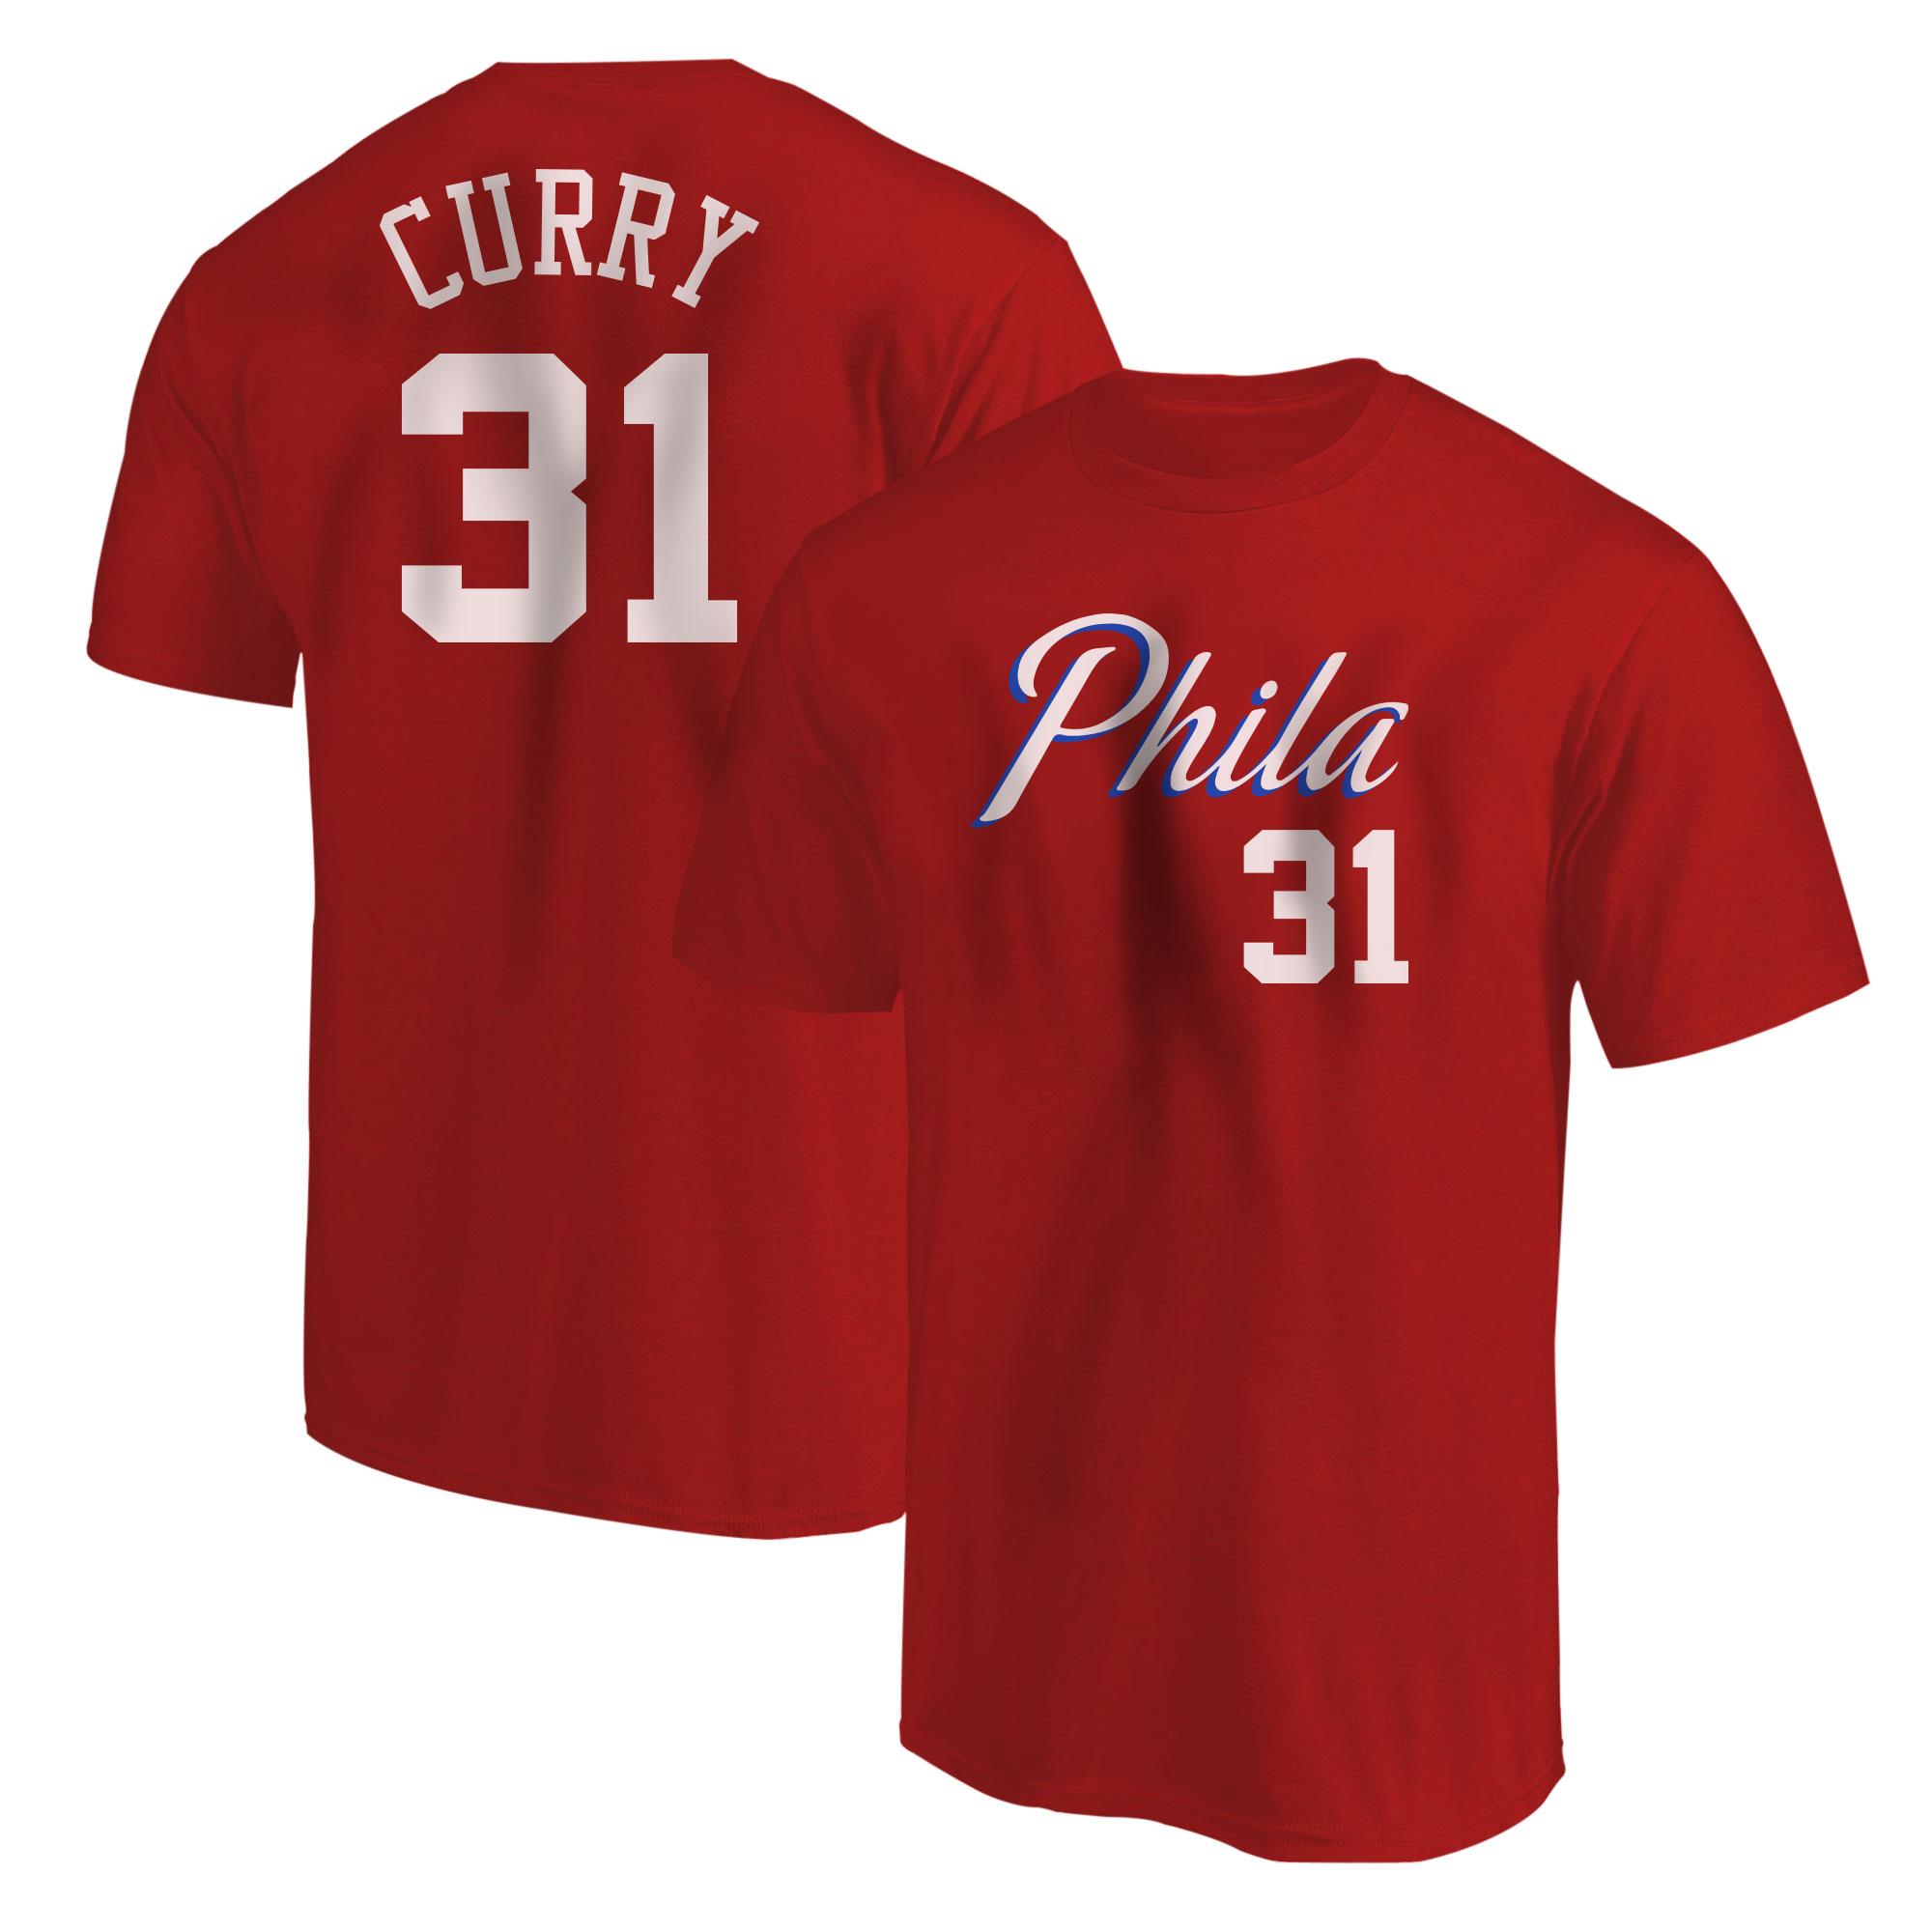 Philadelphia 76ers Seth Curry Tshirt (TSH-RED-NP-504-31)